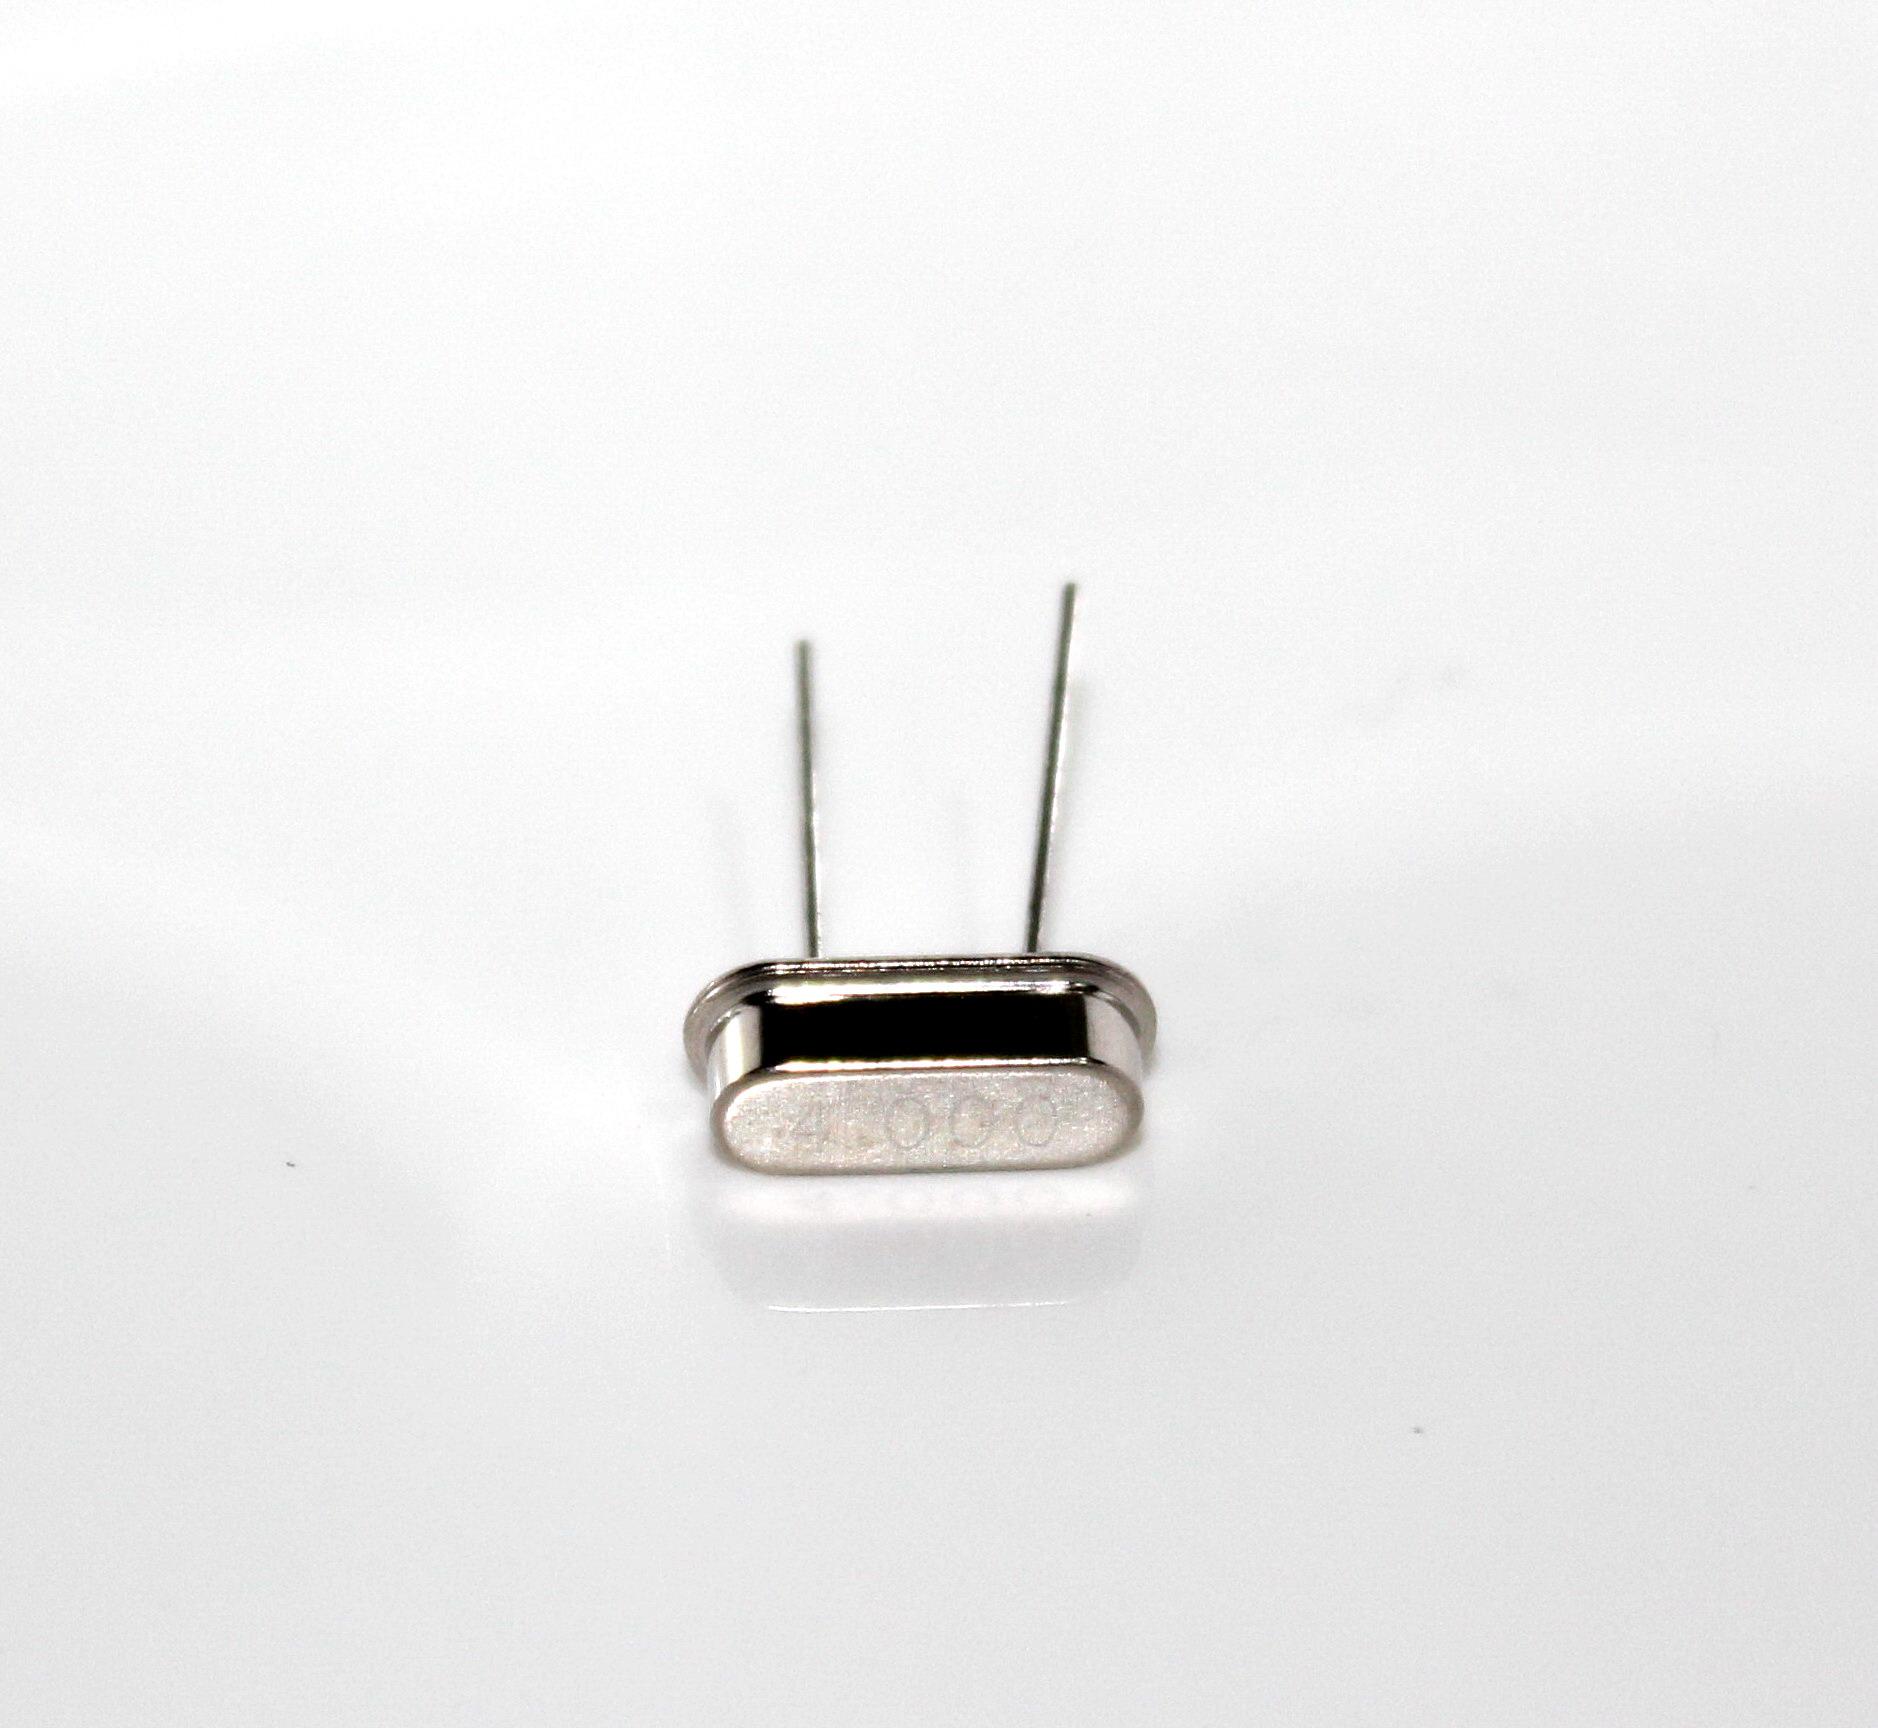 4 MHZ Crystal Oscillator